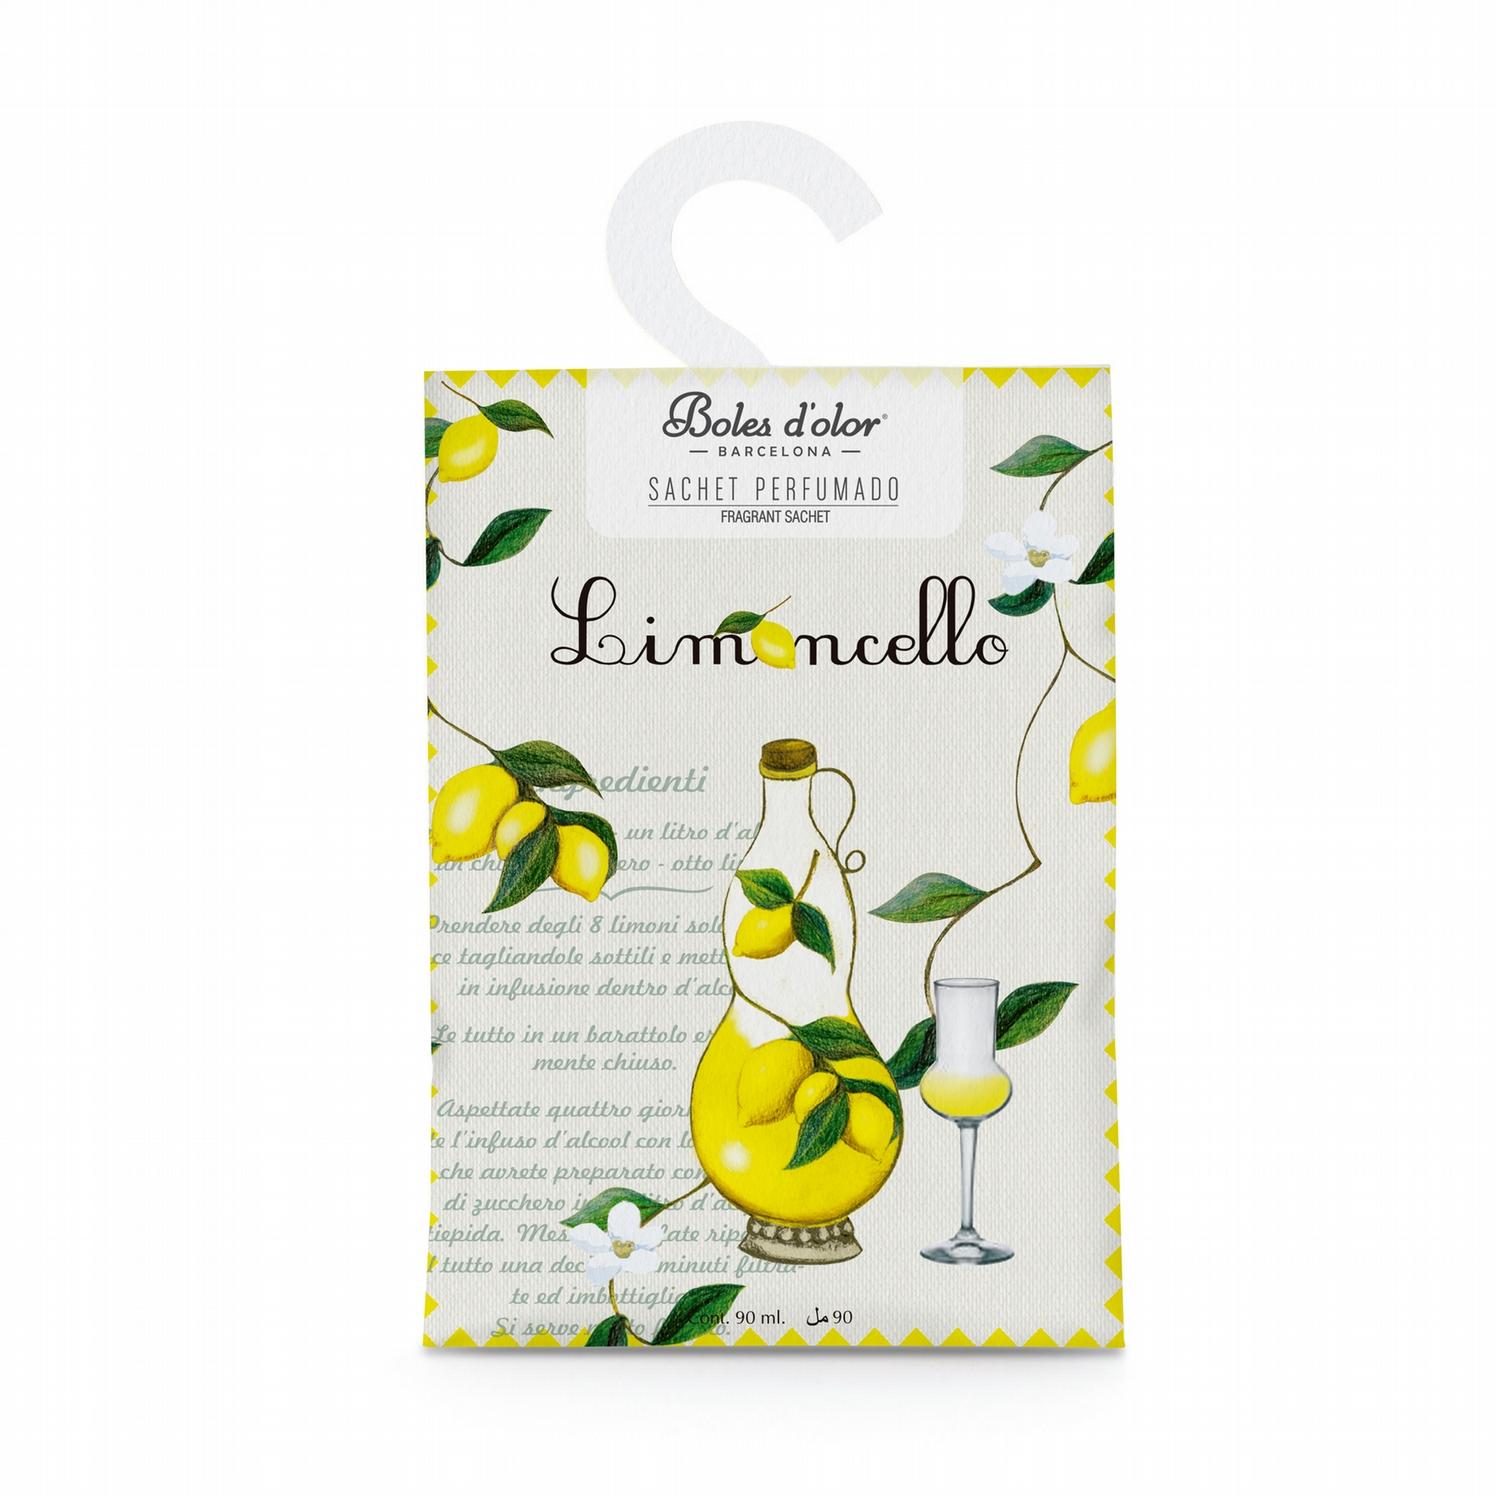 Boles D'Olor - Sachet Perfumado Limoncello